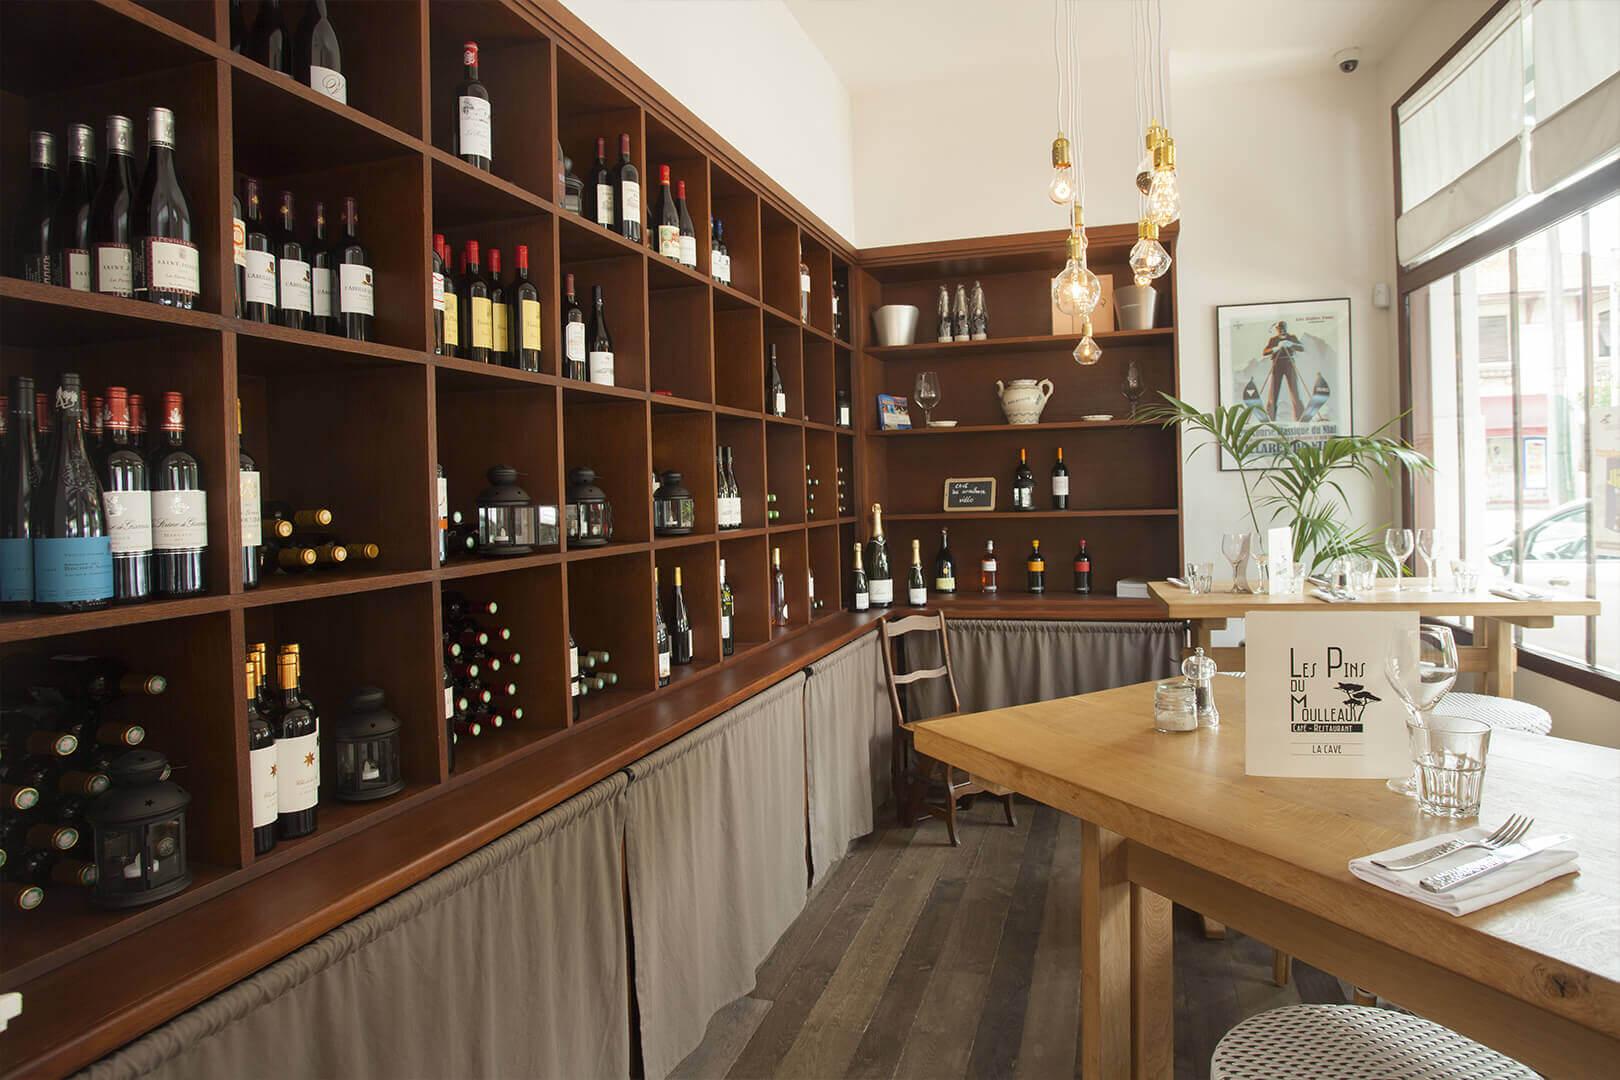 vins millésimes restaurants belle cave pins moulleau